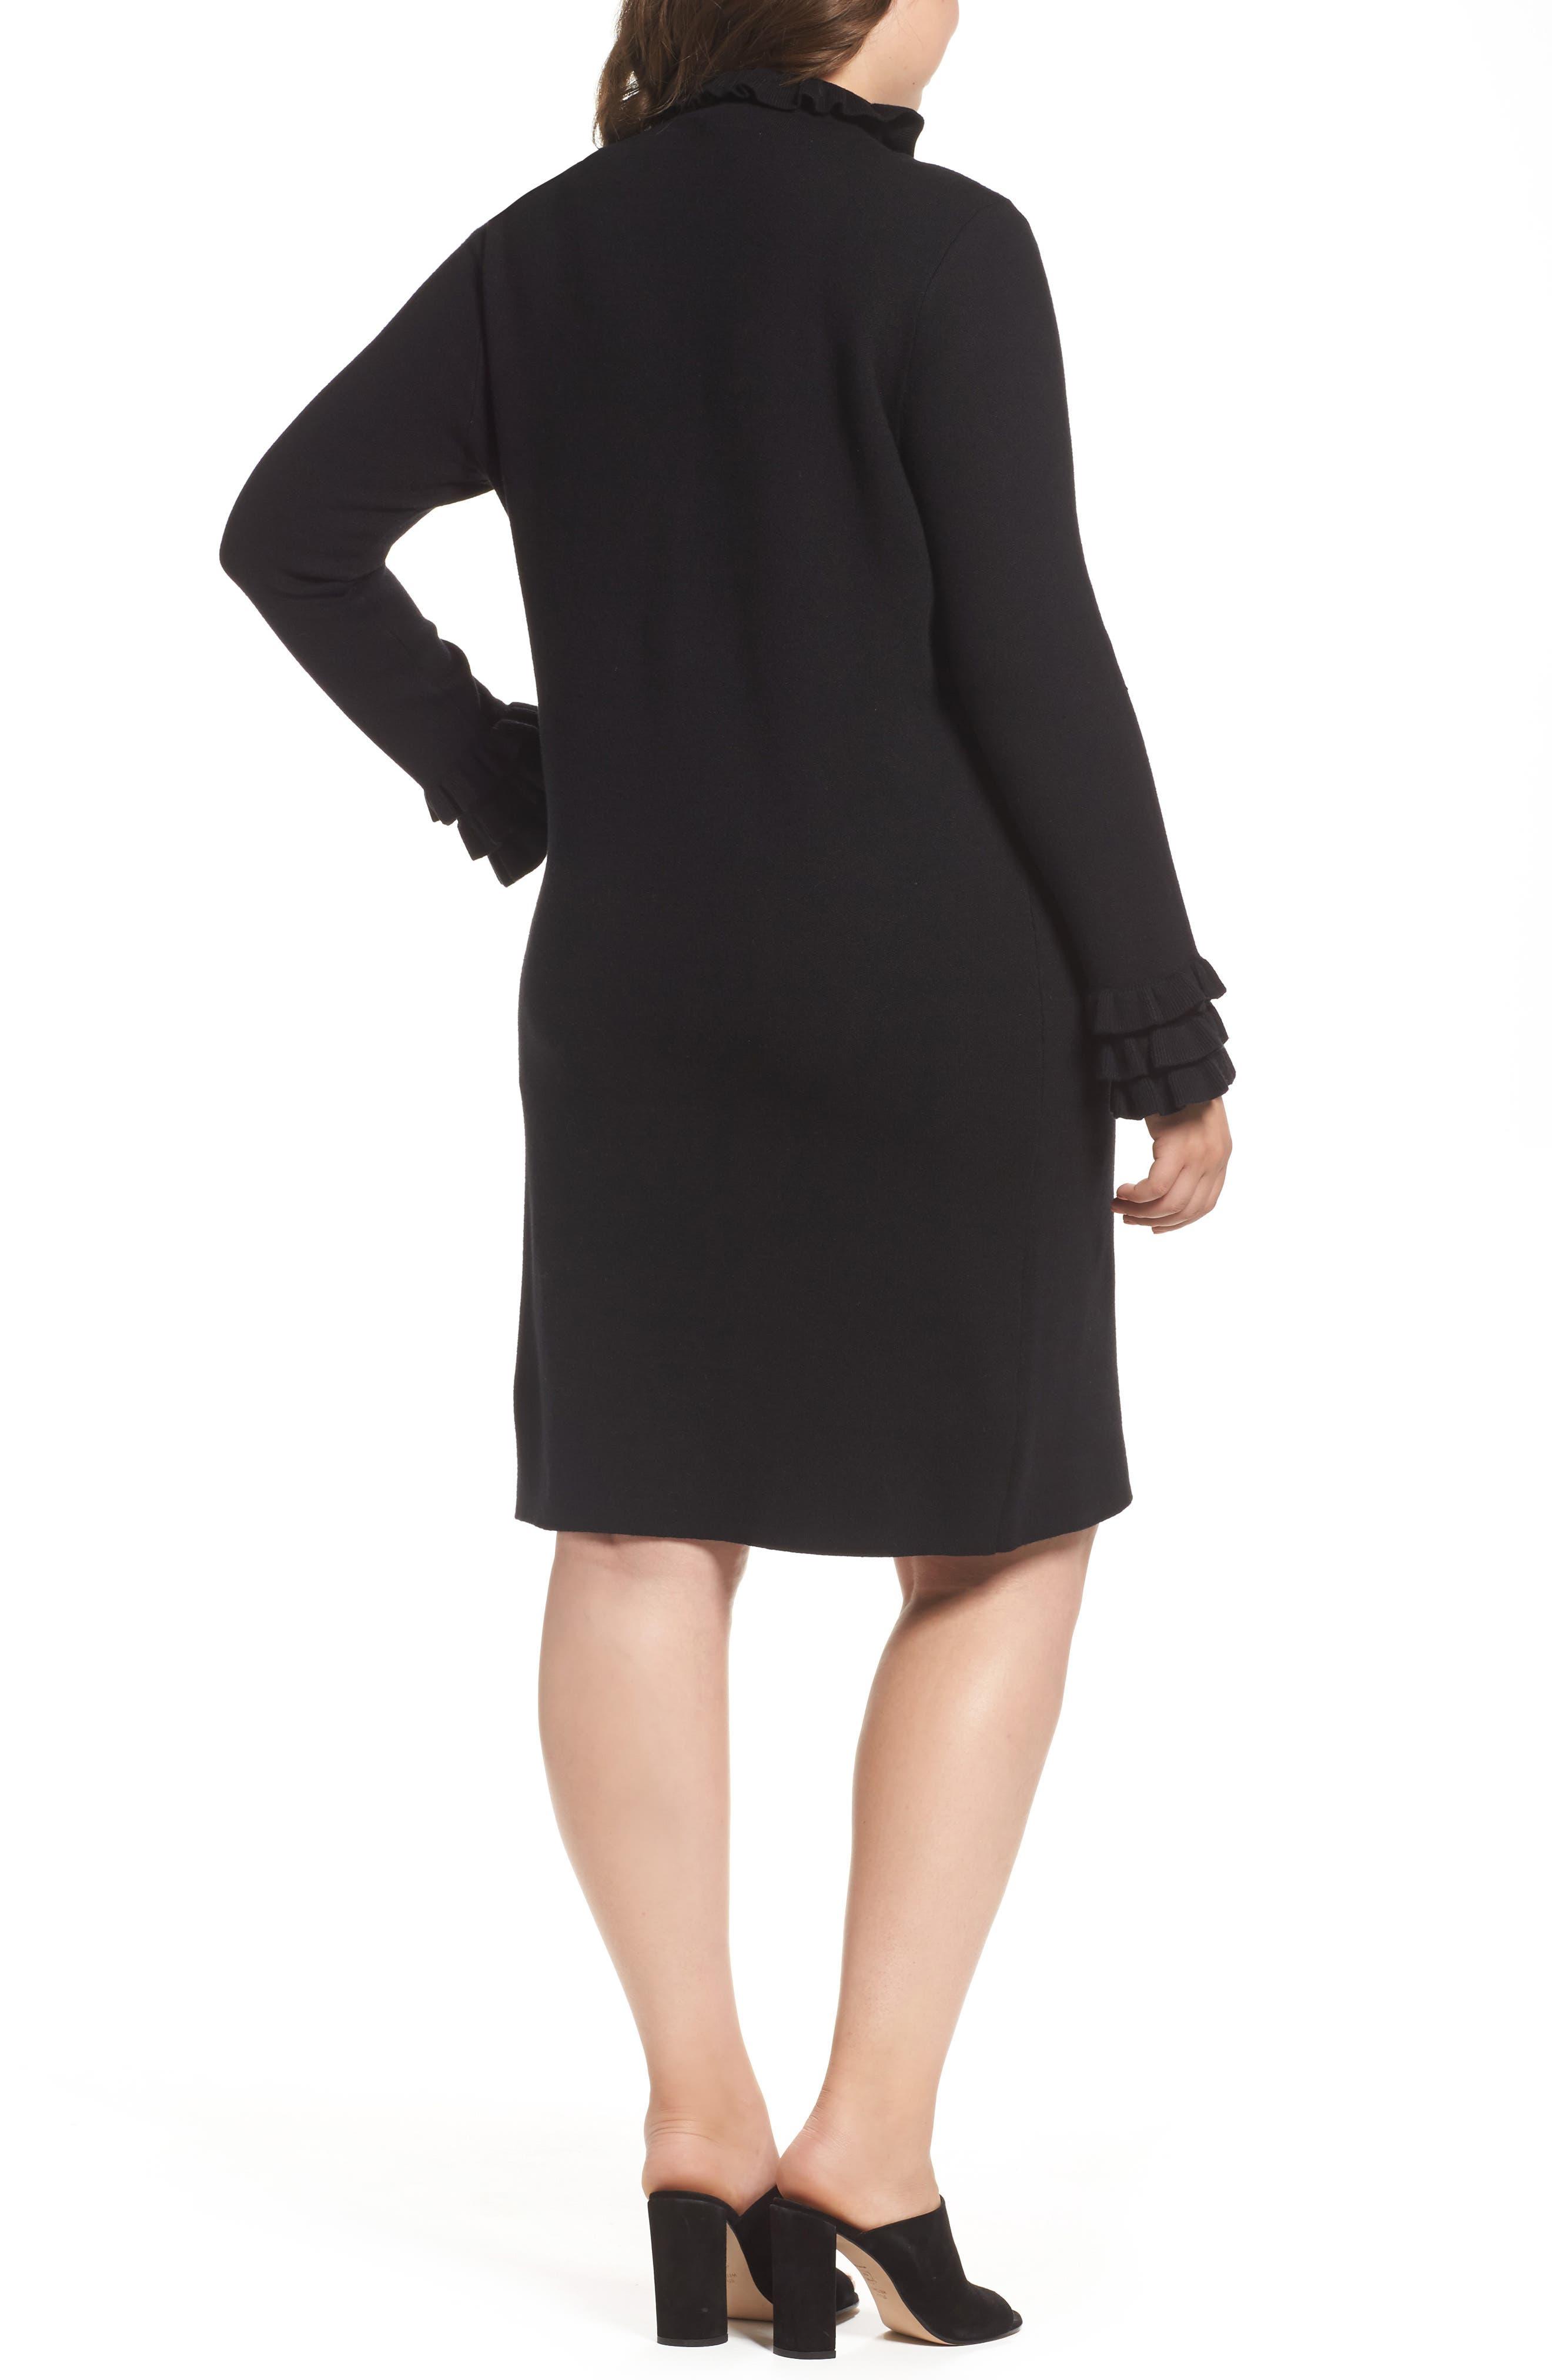 Alternate Image 2  - Glamorous Ruffle Sleeve Sweater Dress (Plus Size)